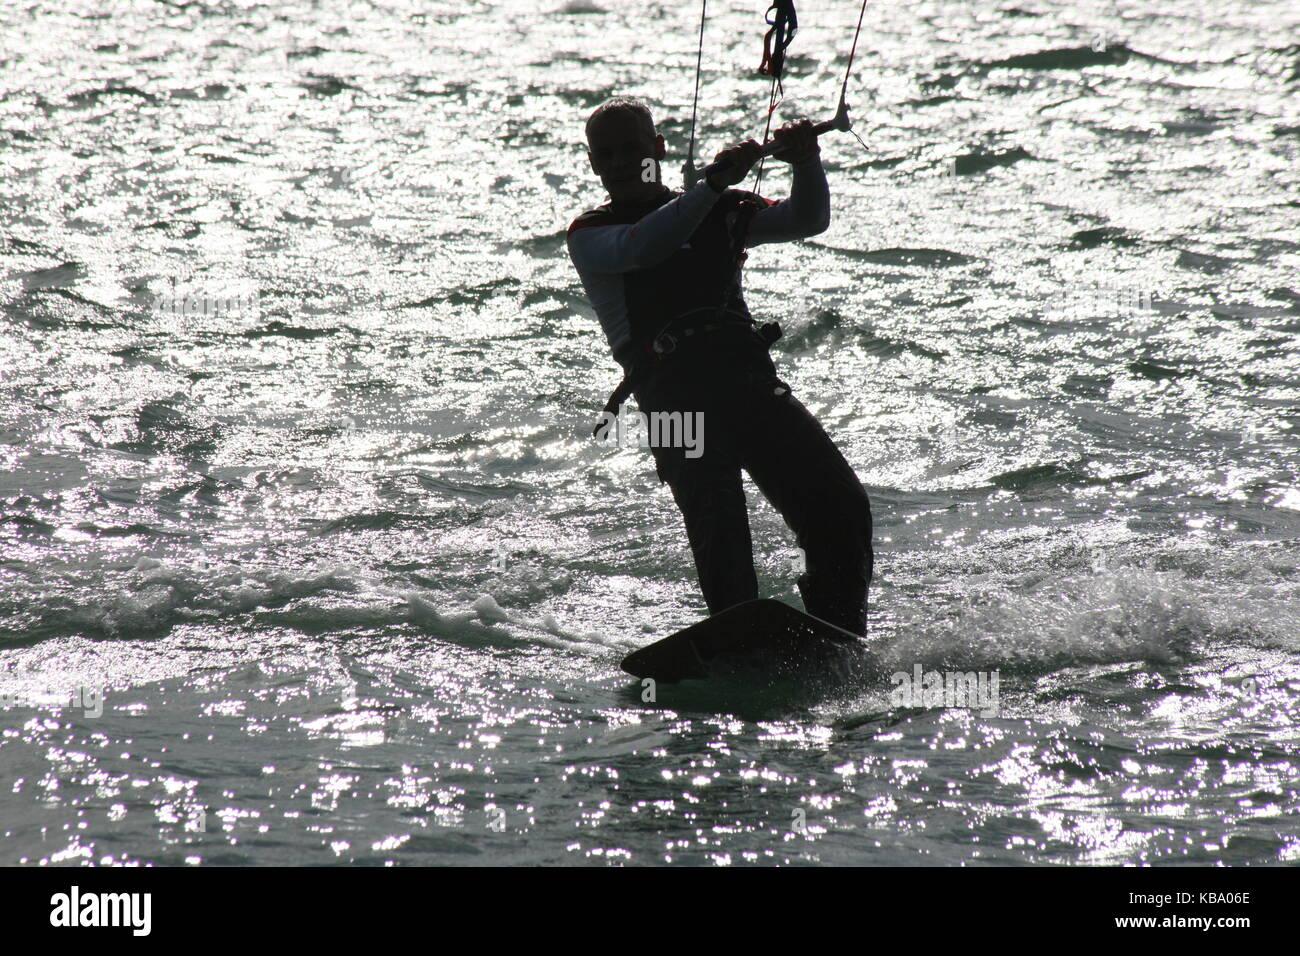 Kite Surfer auf Surfboard  im Gegenlicht - Stock Image